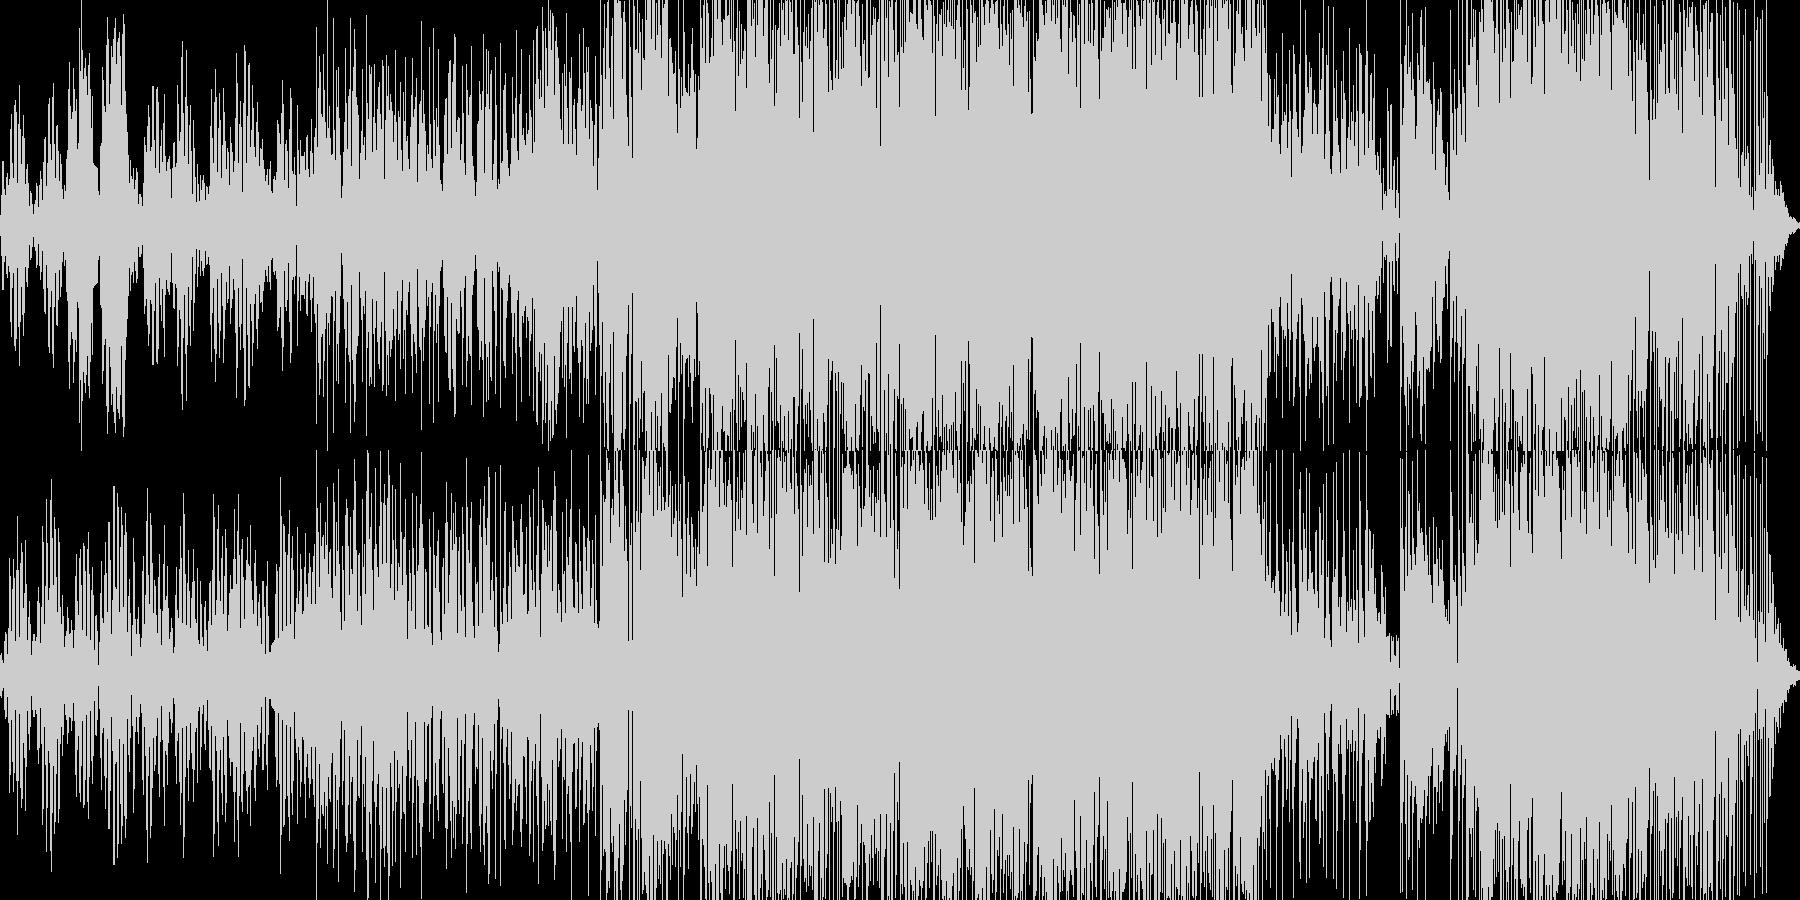 エレクトロニック サスペンス お洒...の未再生の波形